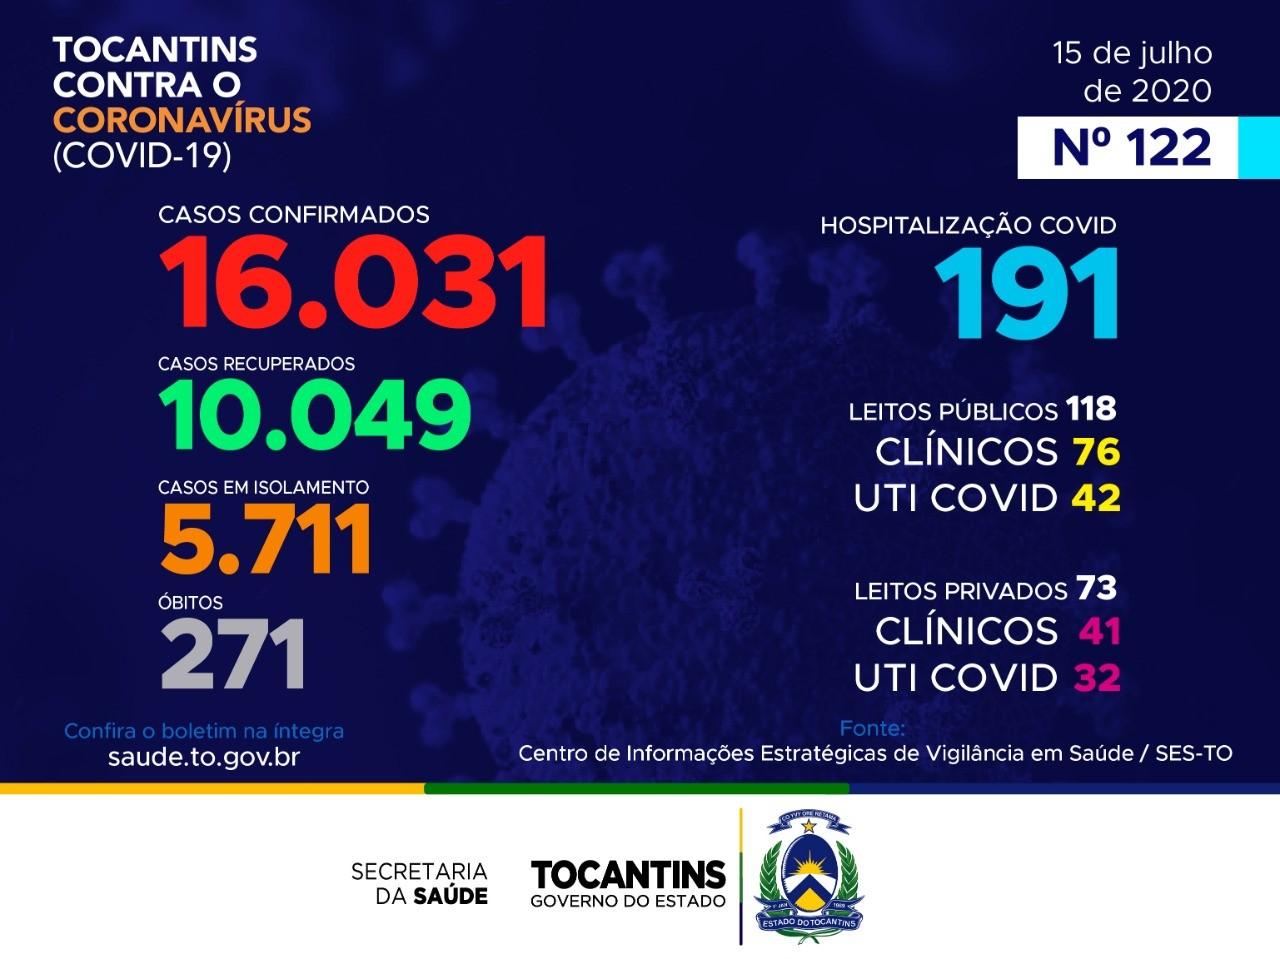 Tocantins contabiliza mais de 10 mil pacientes recuperados da covid-19